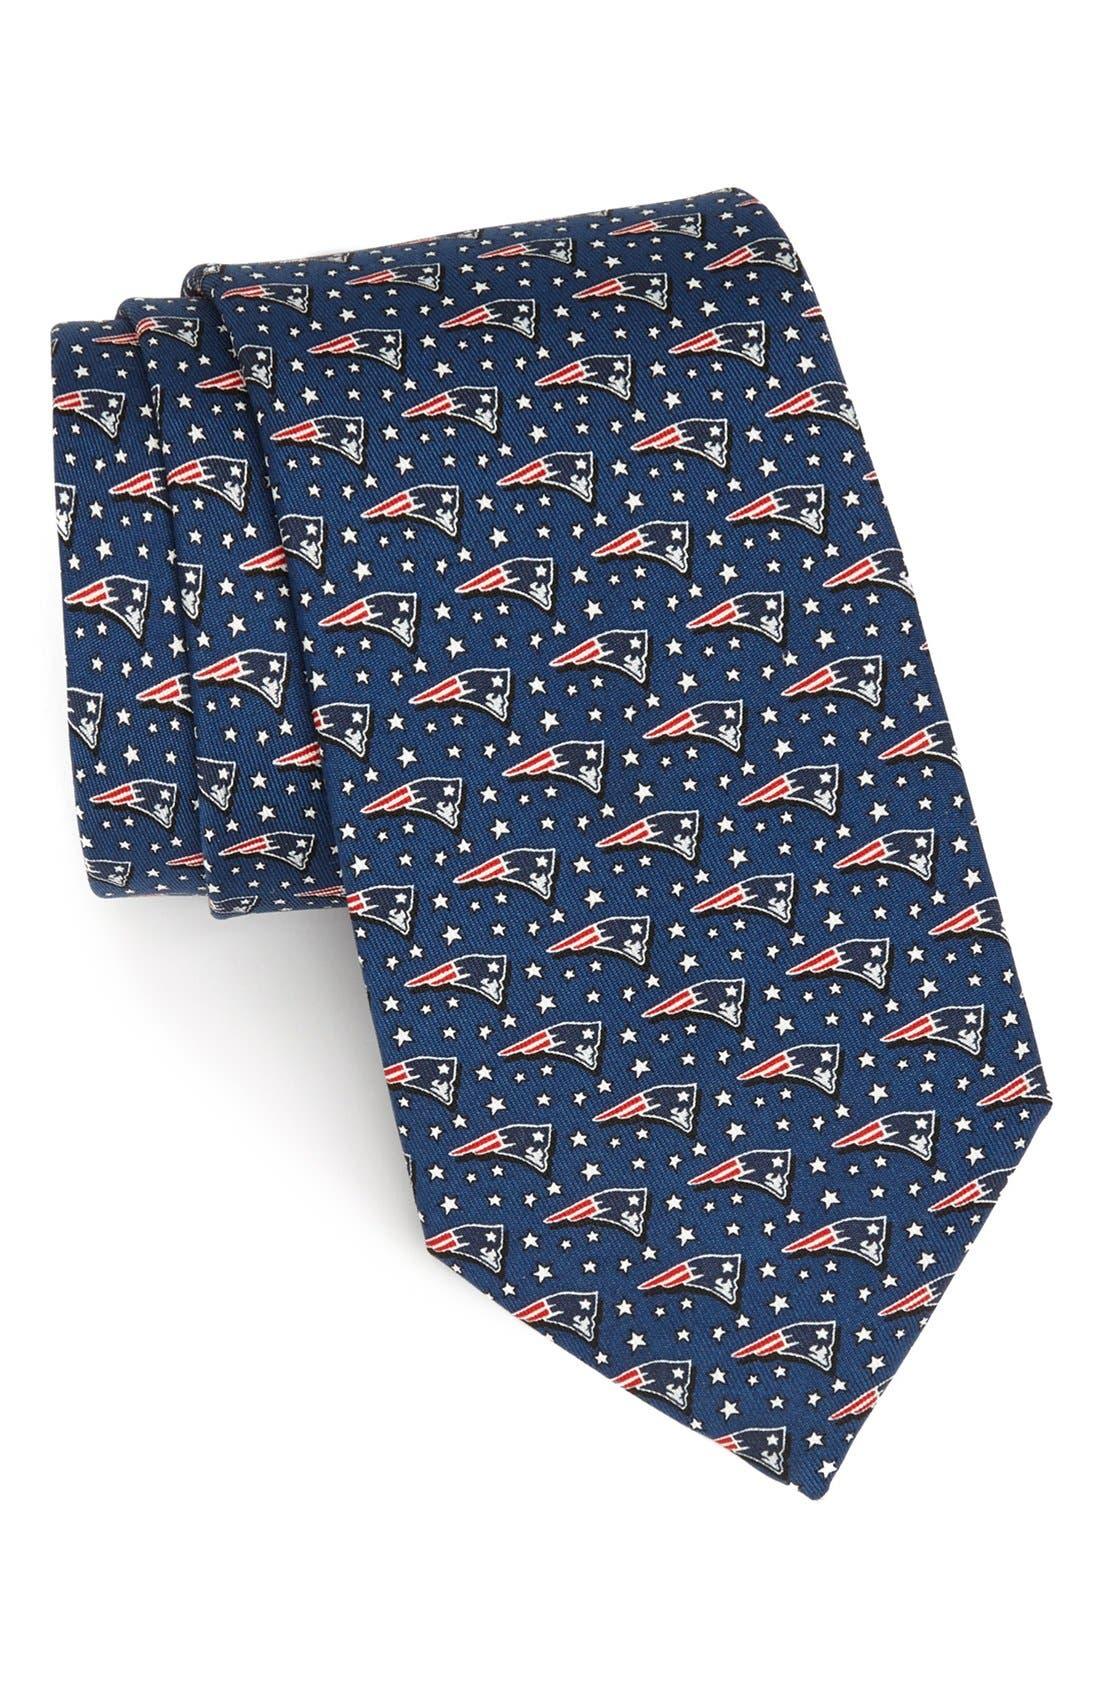 New England Patriots Print Tie,                         Main,                         color, Navy